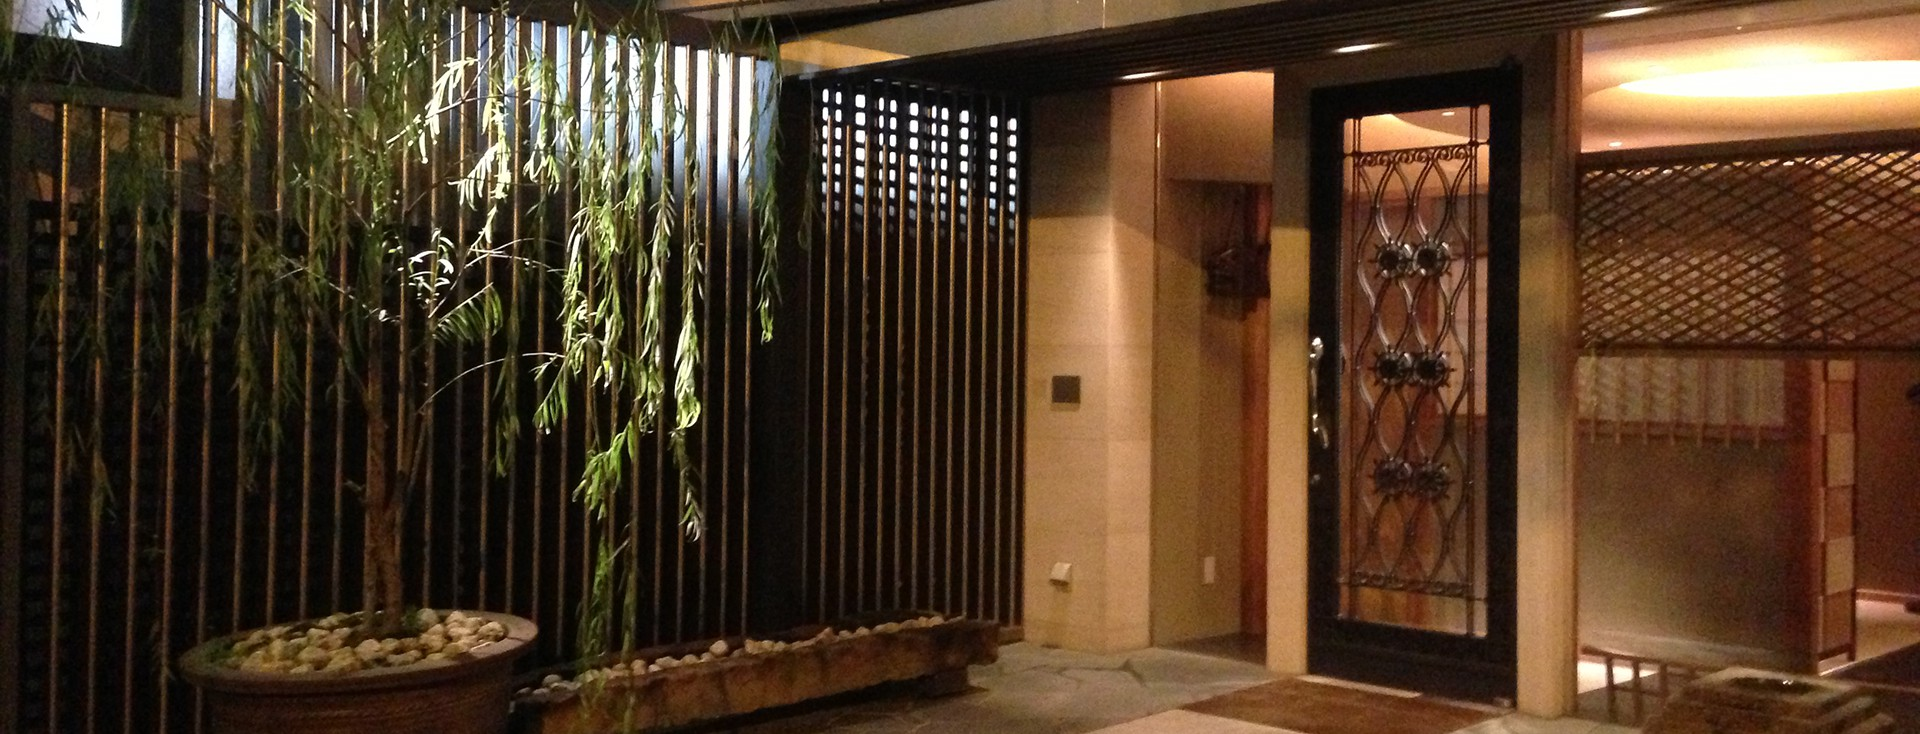 Route du bonheur de ryuichi sakamoto   relais & châteaux